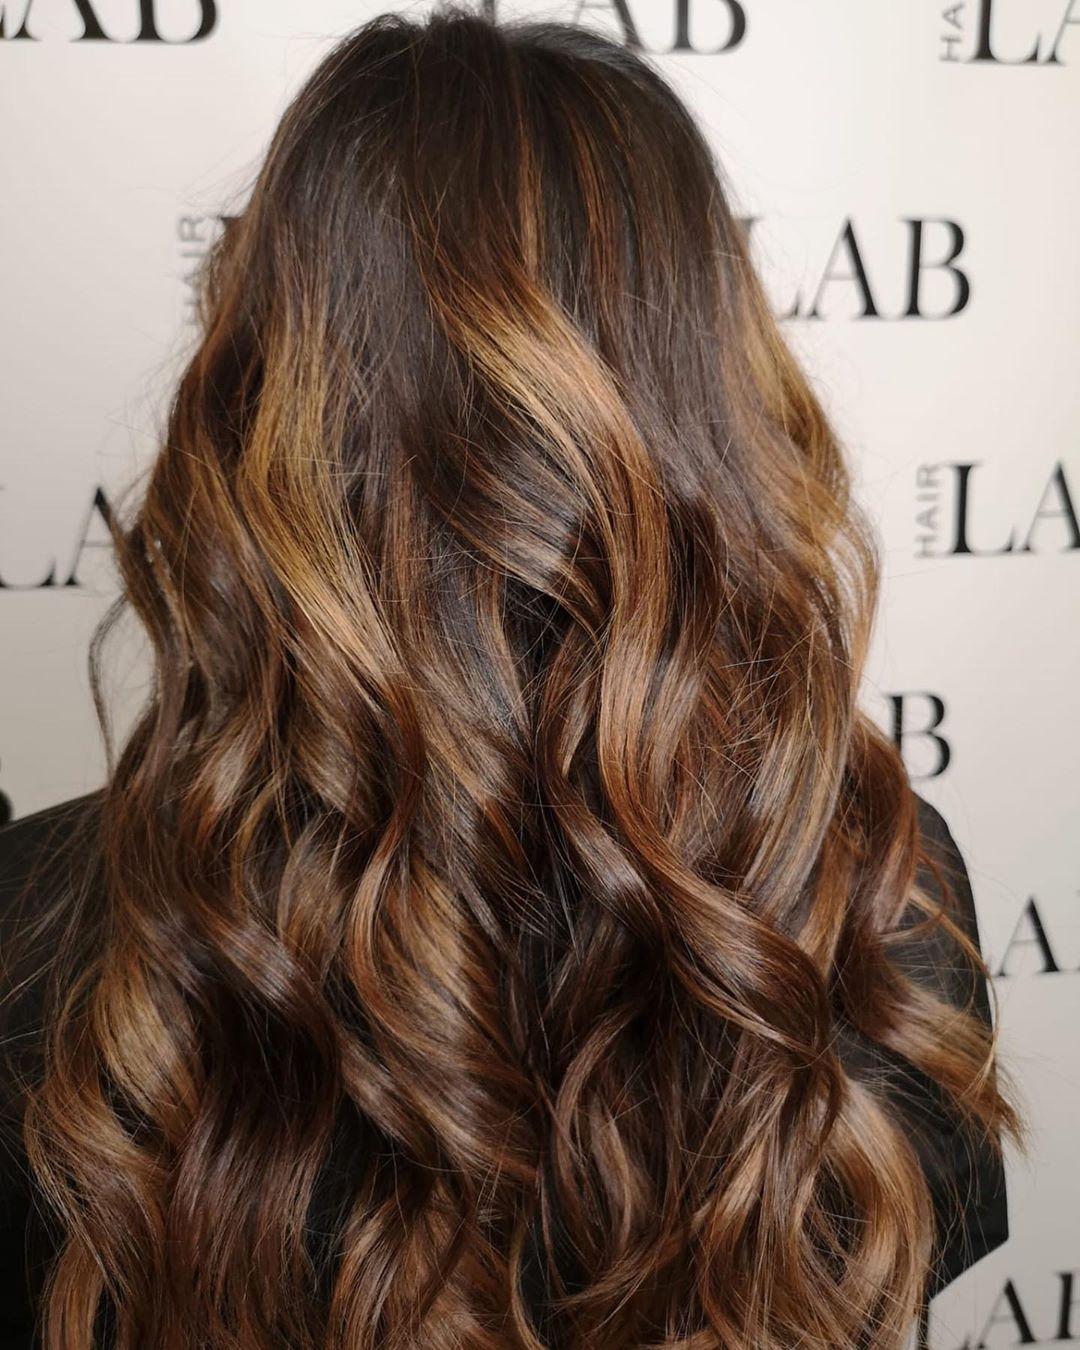 Top Trending Hair Colours Balayage, Ombré & Sombré Explained!